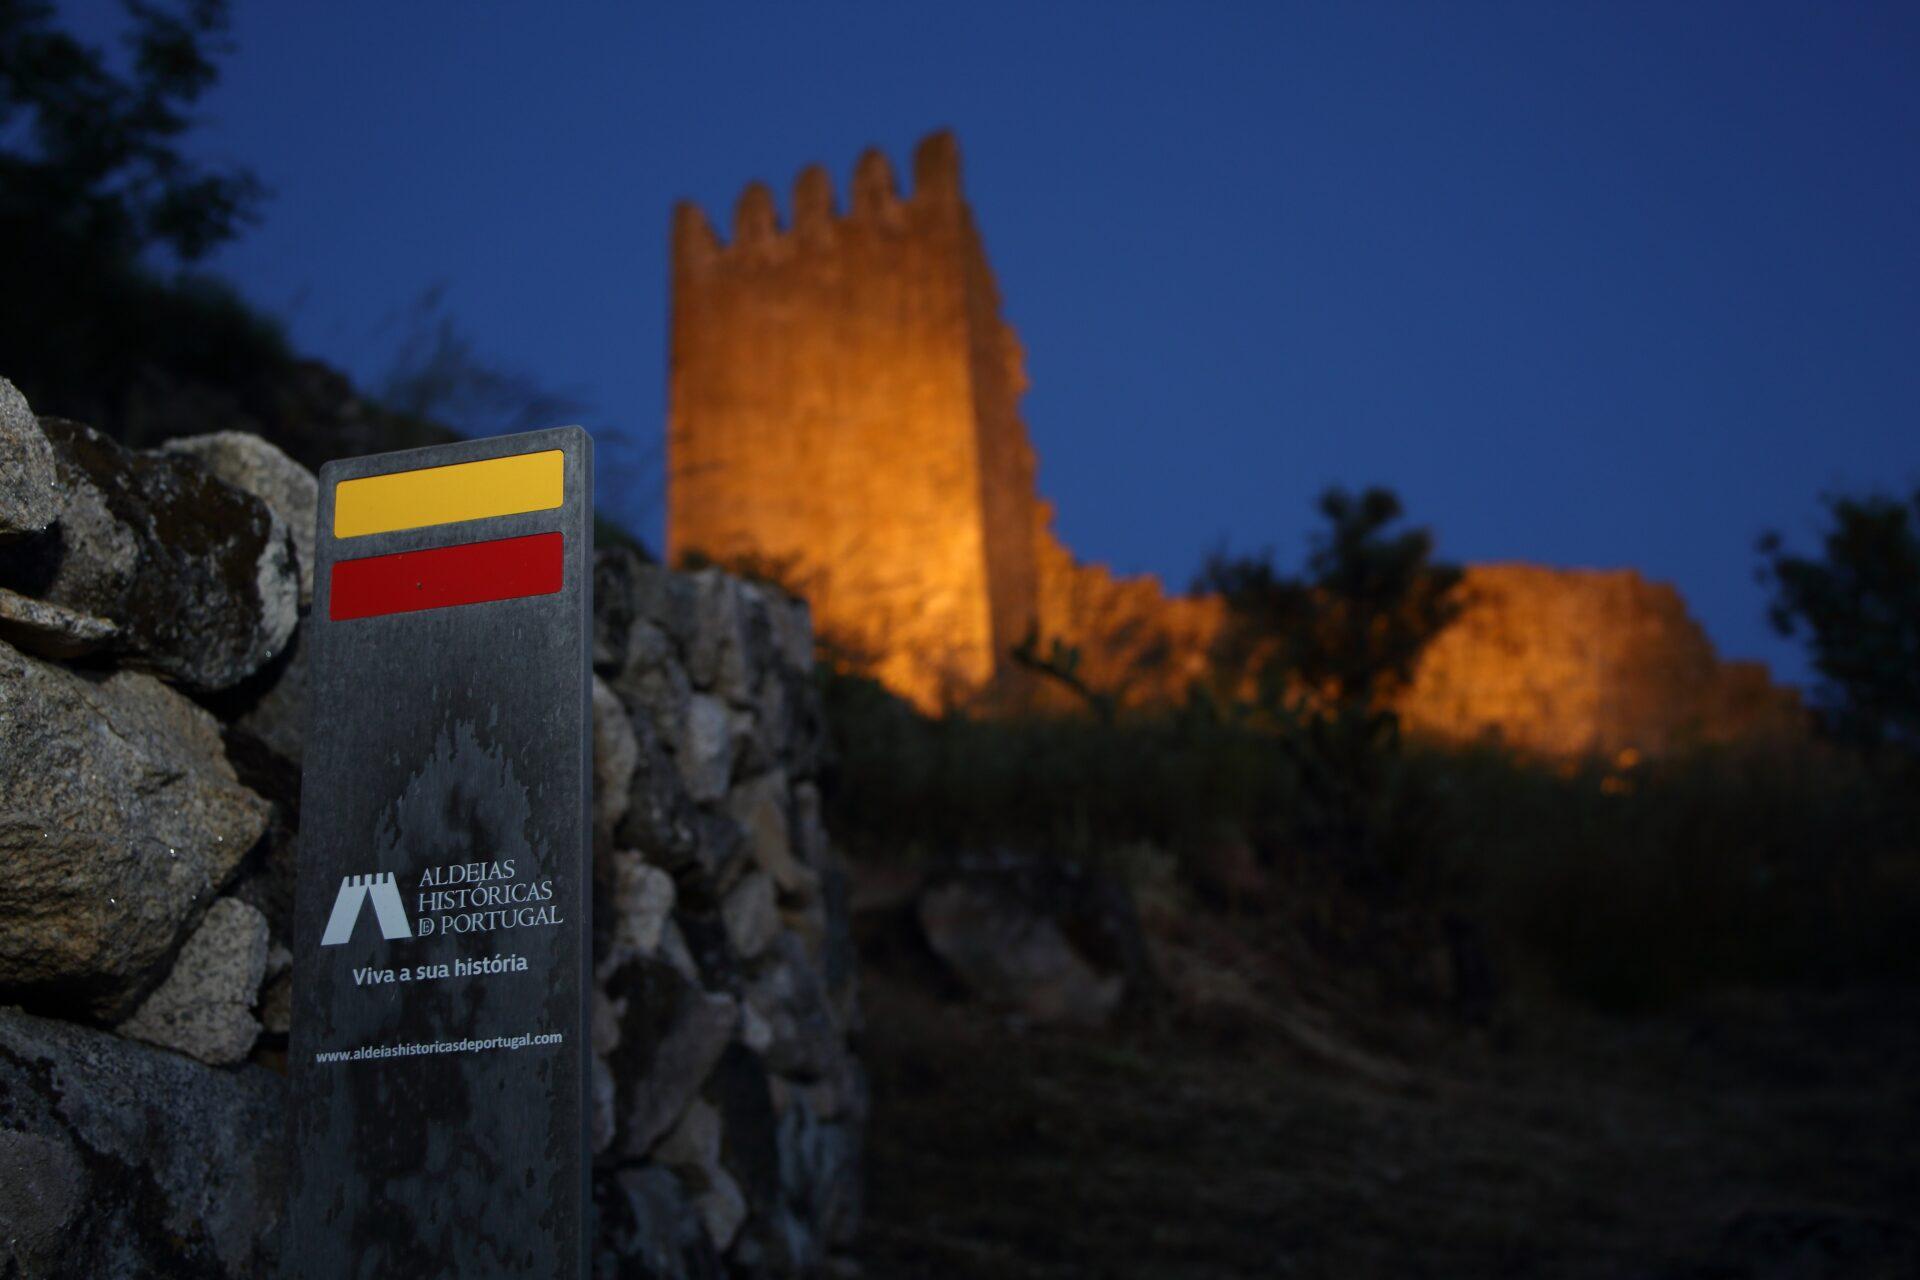 Aldeias Históricas de Portugal renovam a confiança no Atelier do Caractere